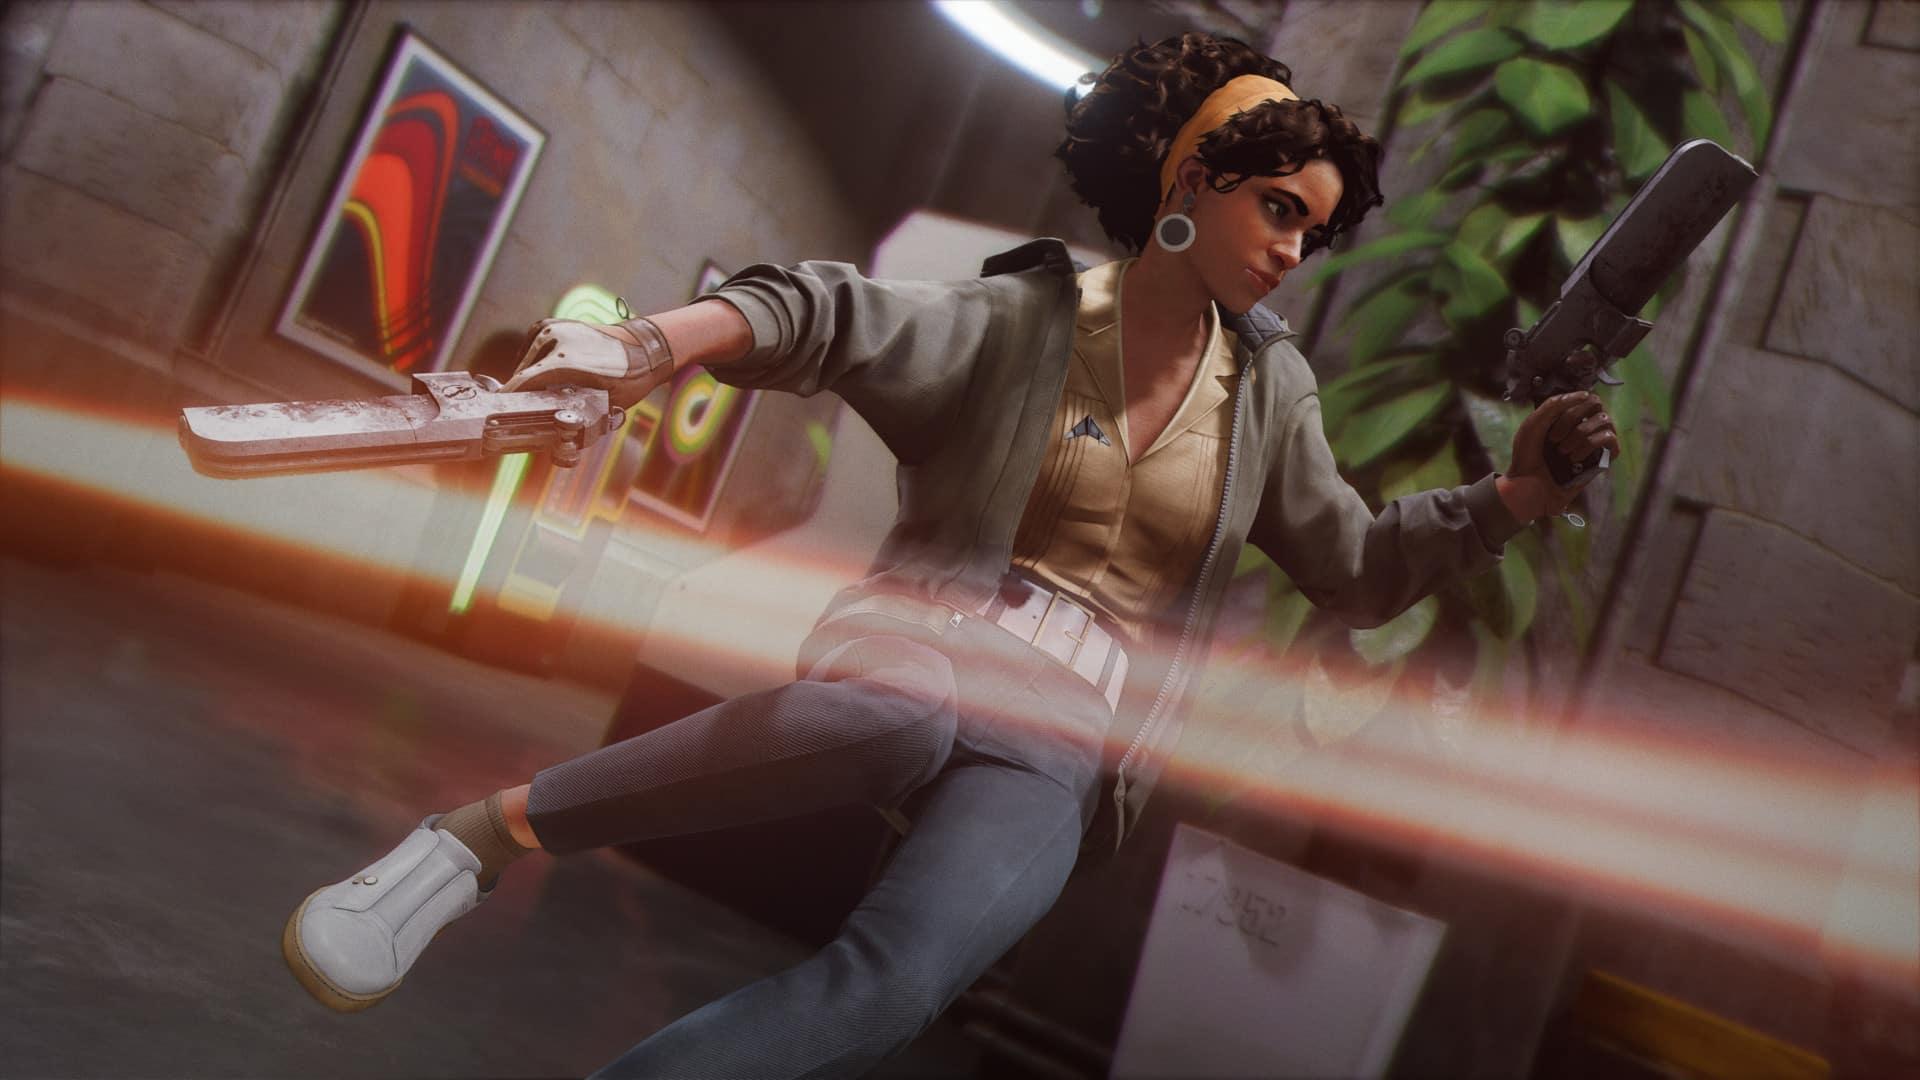 deathloop preview arkane studios violent bloody immersive sim PlayStation 5